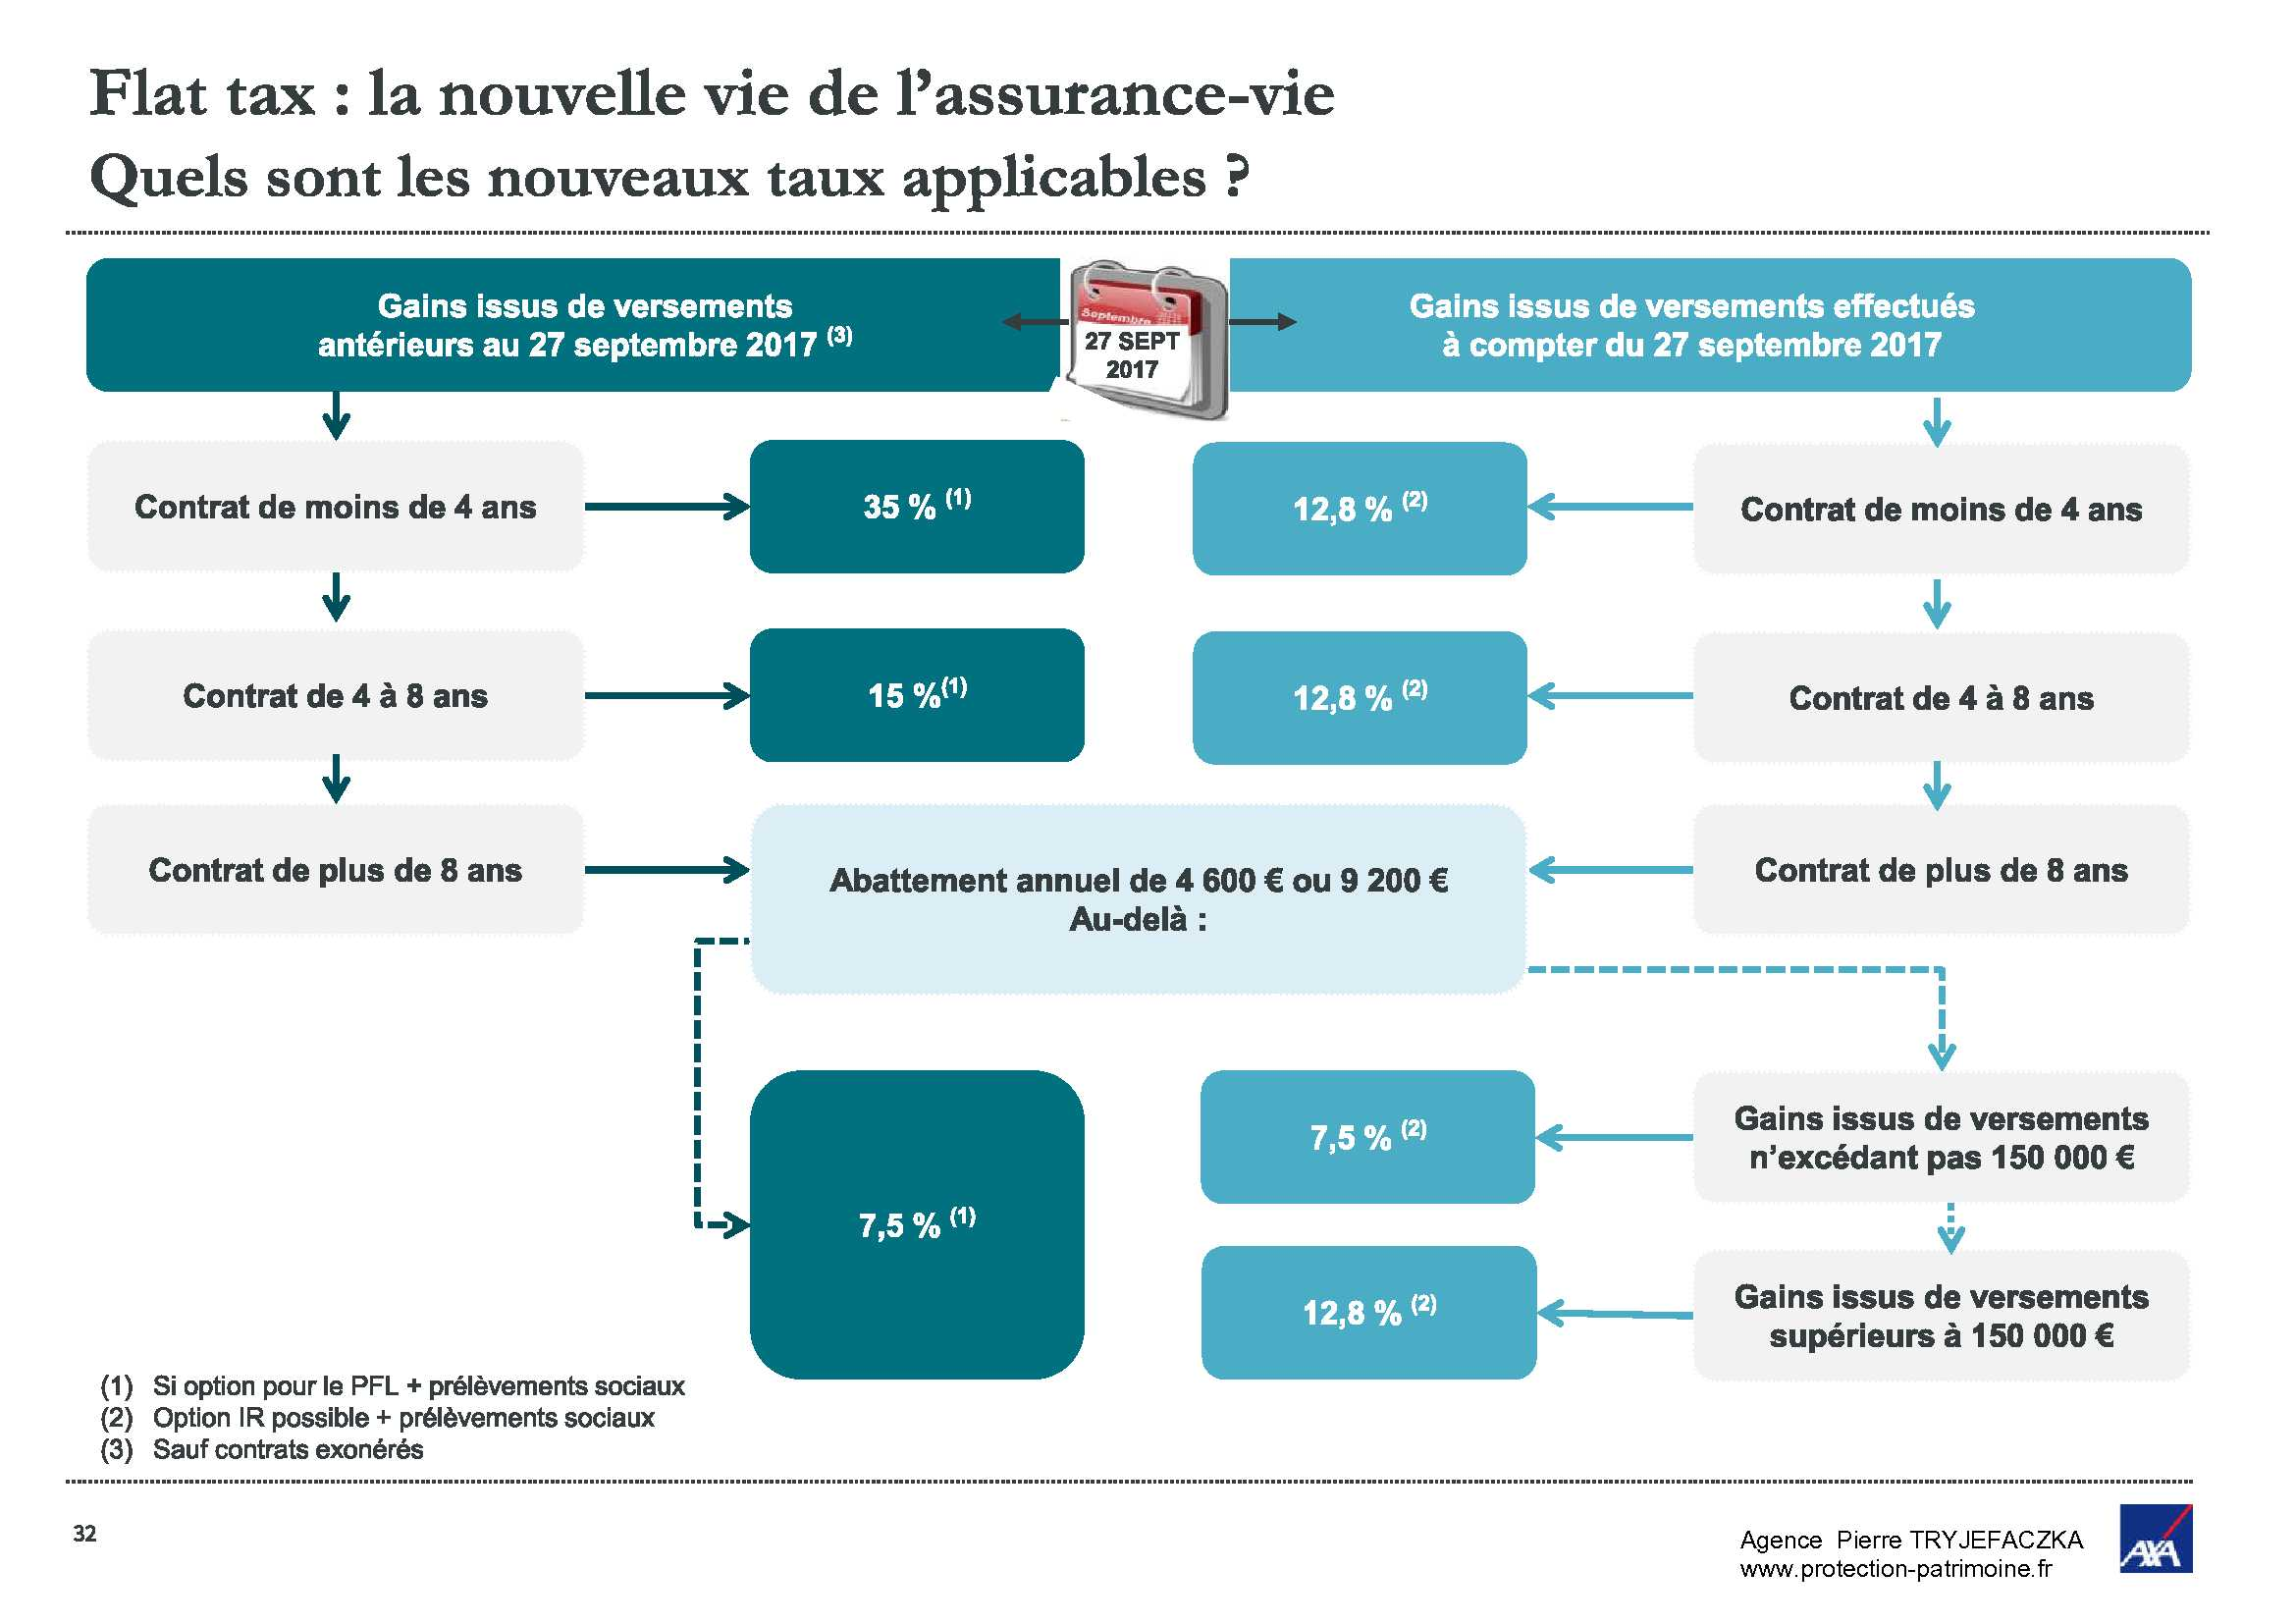 Impact de la Flat Tax sur l'assurance Vie